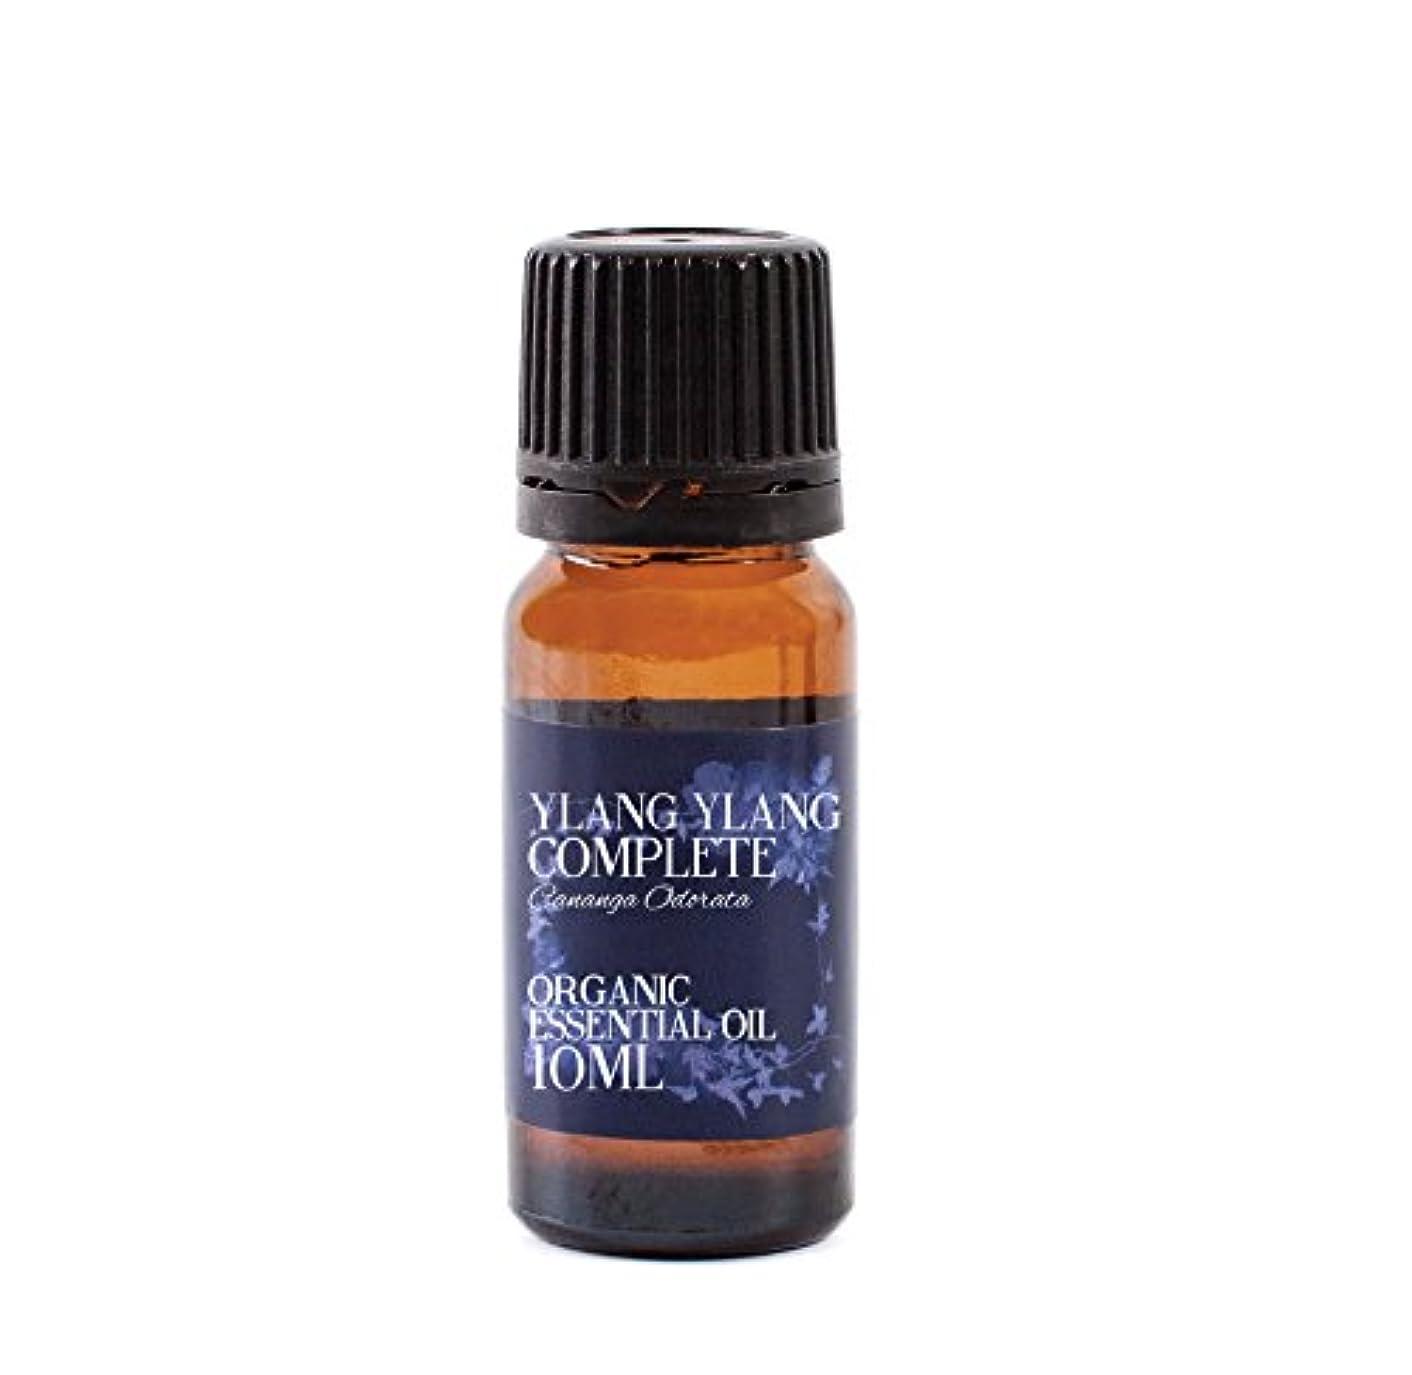 事実上女将孤独Mystic Moments | Ylang Ylang Complete Organic Essential Oil - 10ml - 100% Pure